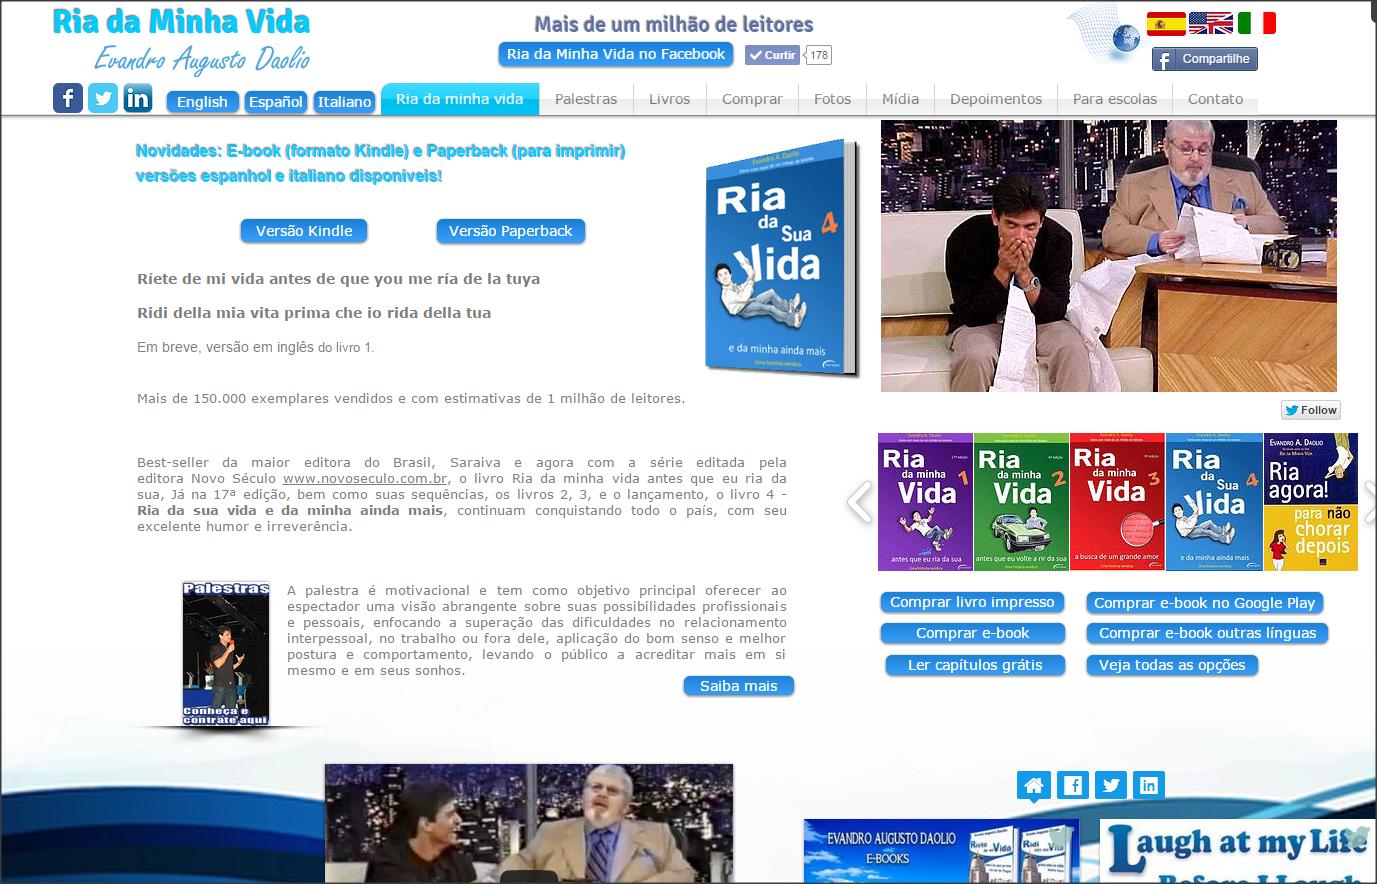 (c) Riadaminhavida.com.br